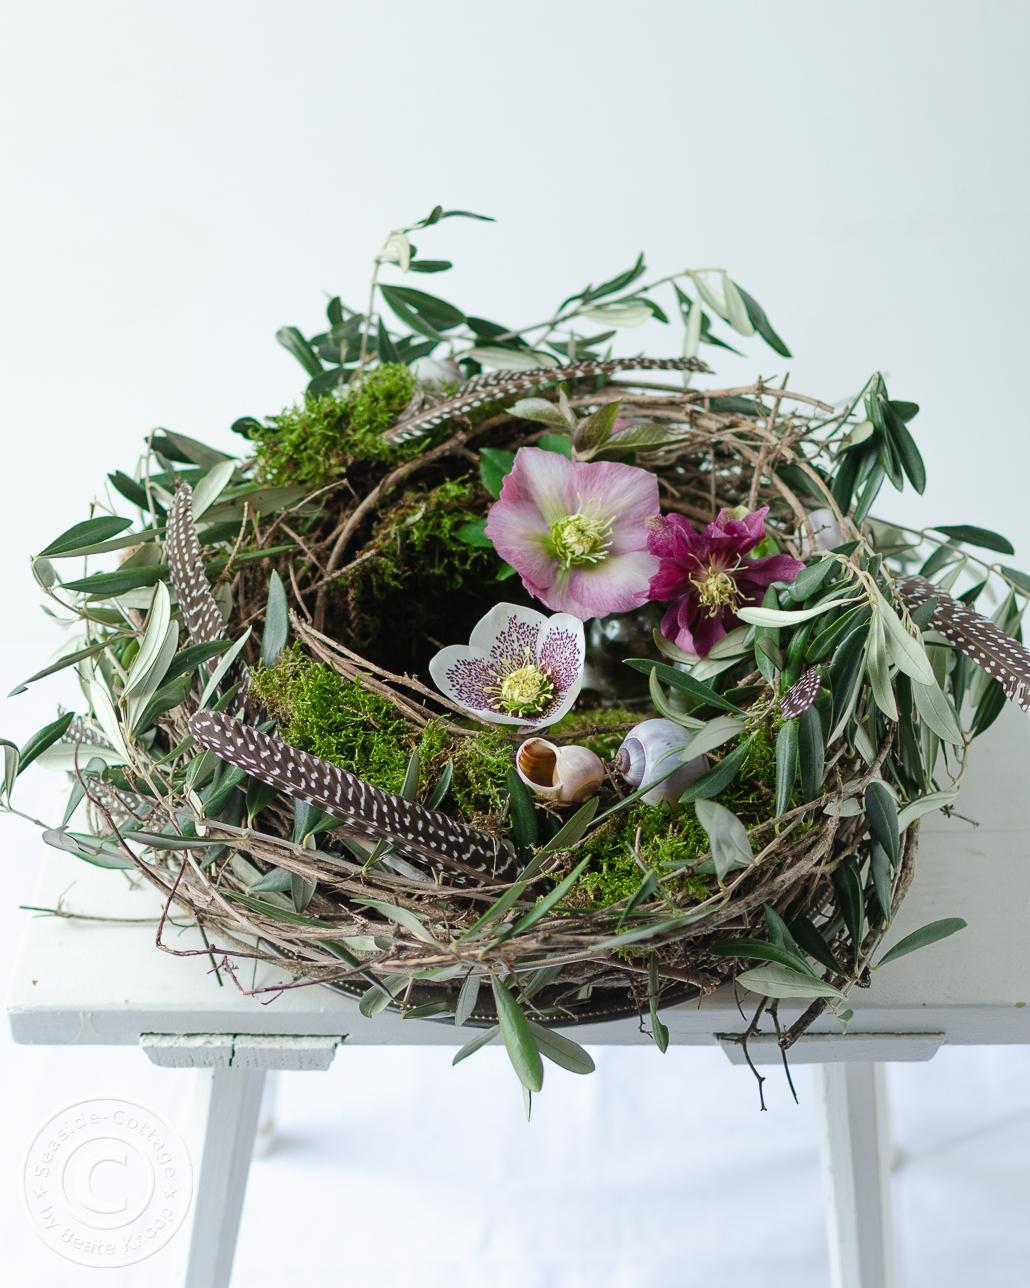 weißer Holzhocker mit einem Nest aus Rebe, dekoriert mit Olivenzweigen, Moos und Lenzrosen